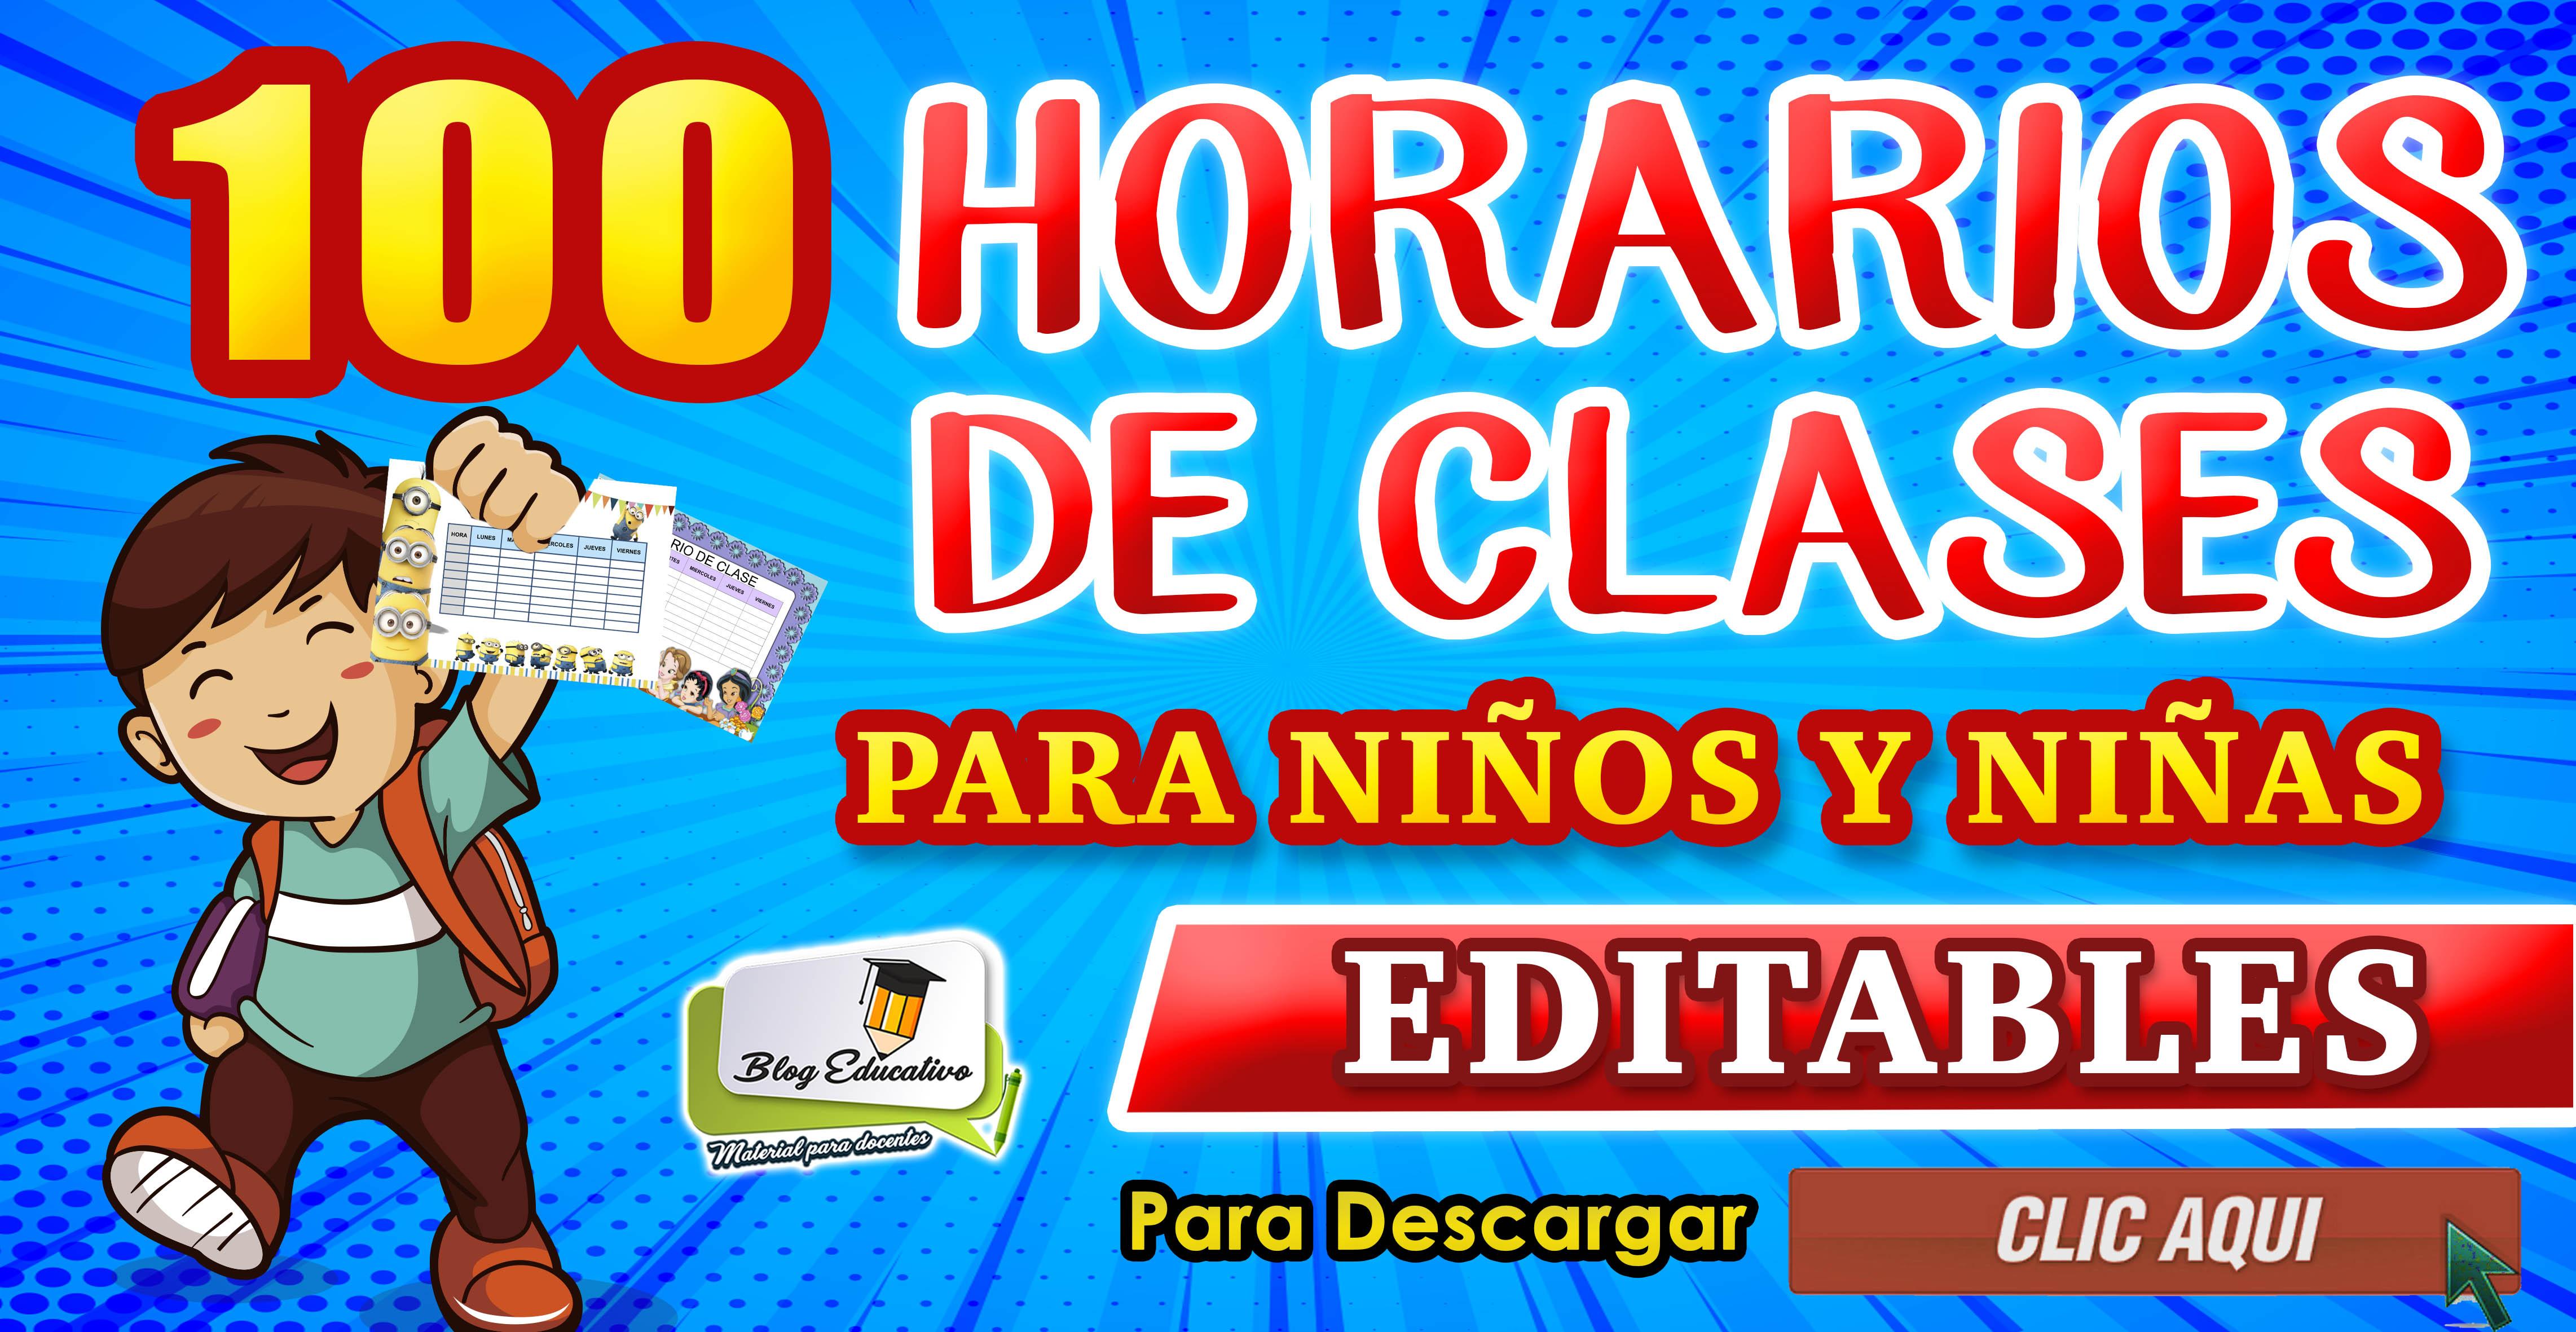 Horarios de clases para niños y niñas Editables gratis